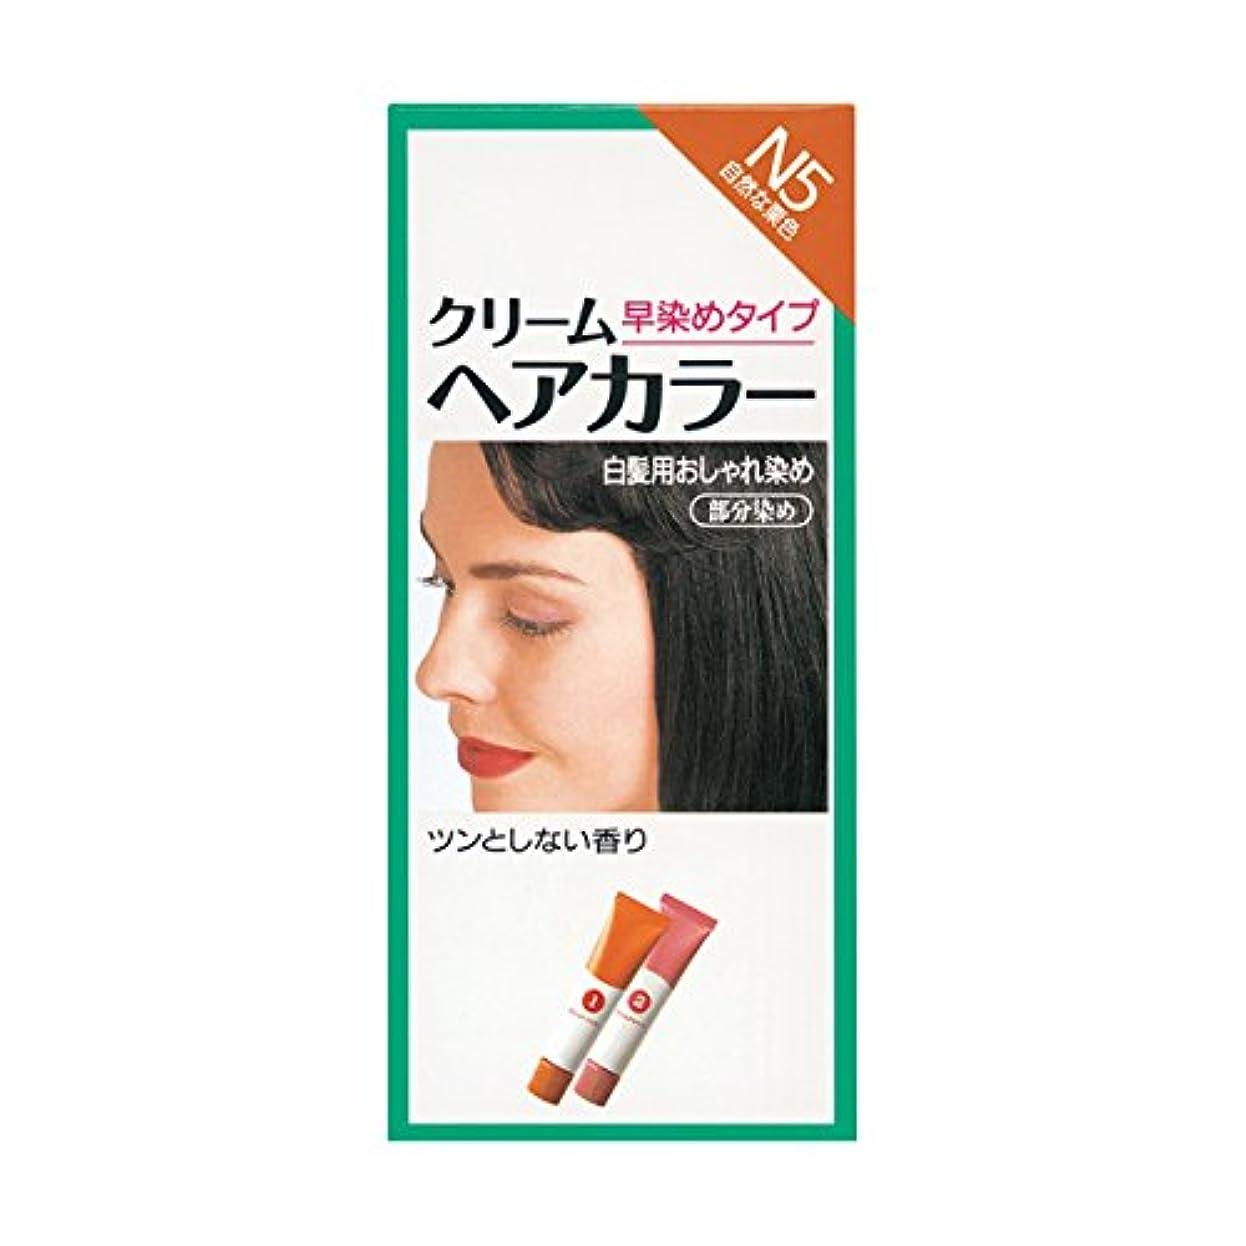 バイバイ規制蒸留ヘアカラー クリームヘアカラーN N5 【医薬部外品】